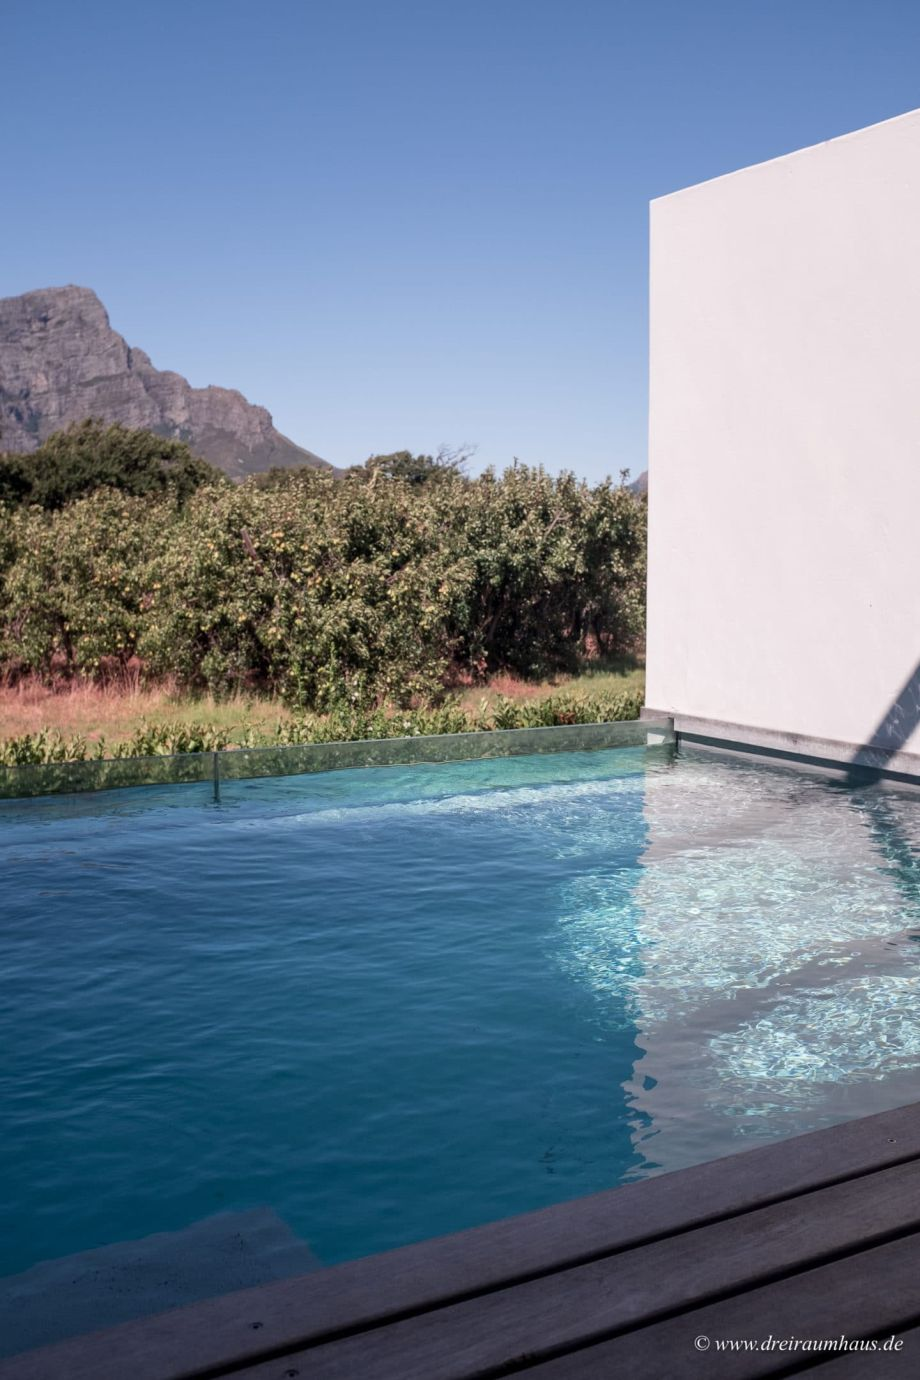 #Koffergeschichten #2 aus Kapstadt... Oswald, Franschhoek und Stellenbosch!